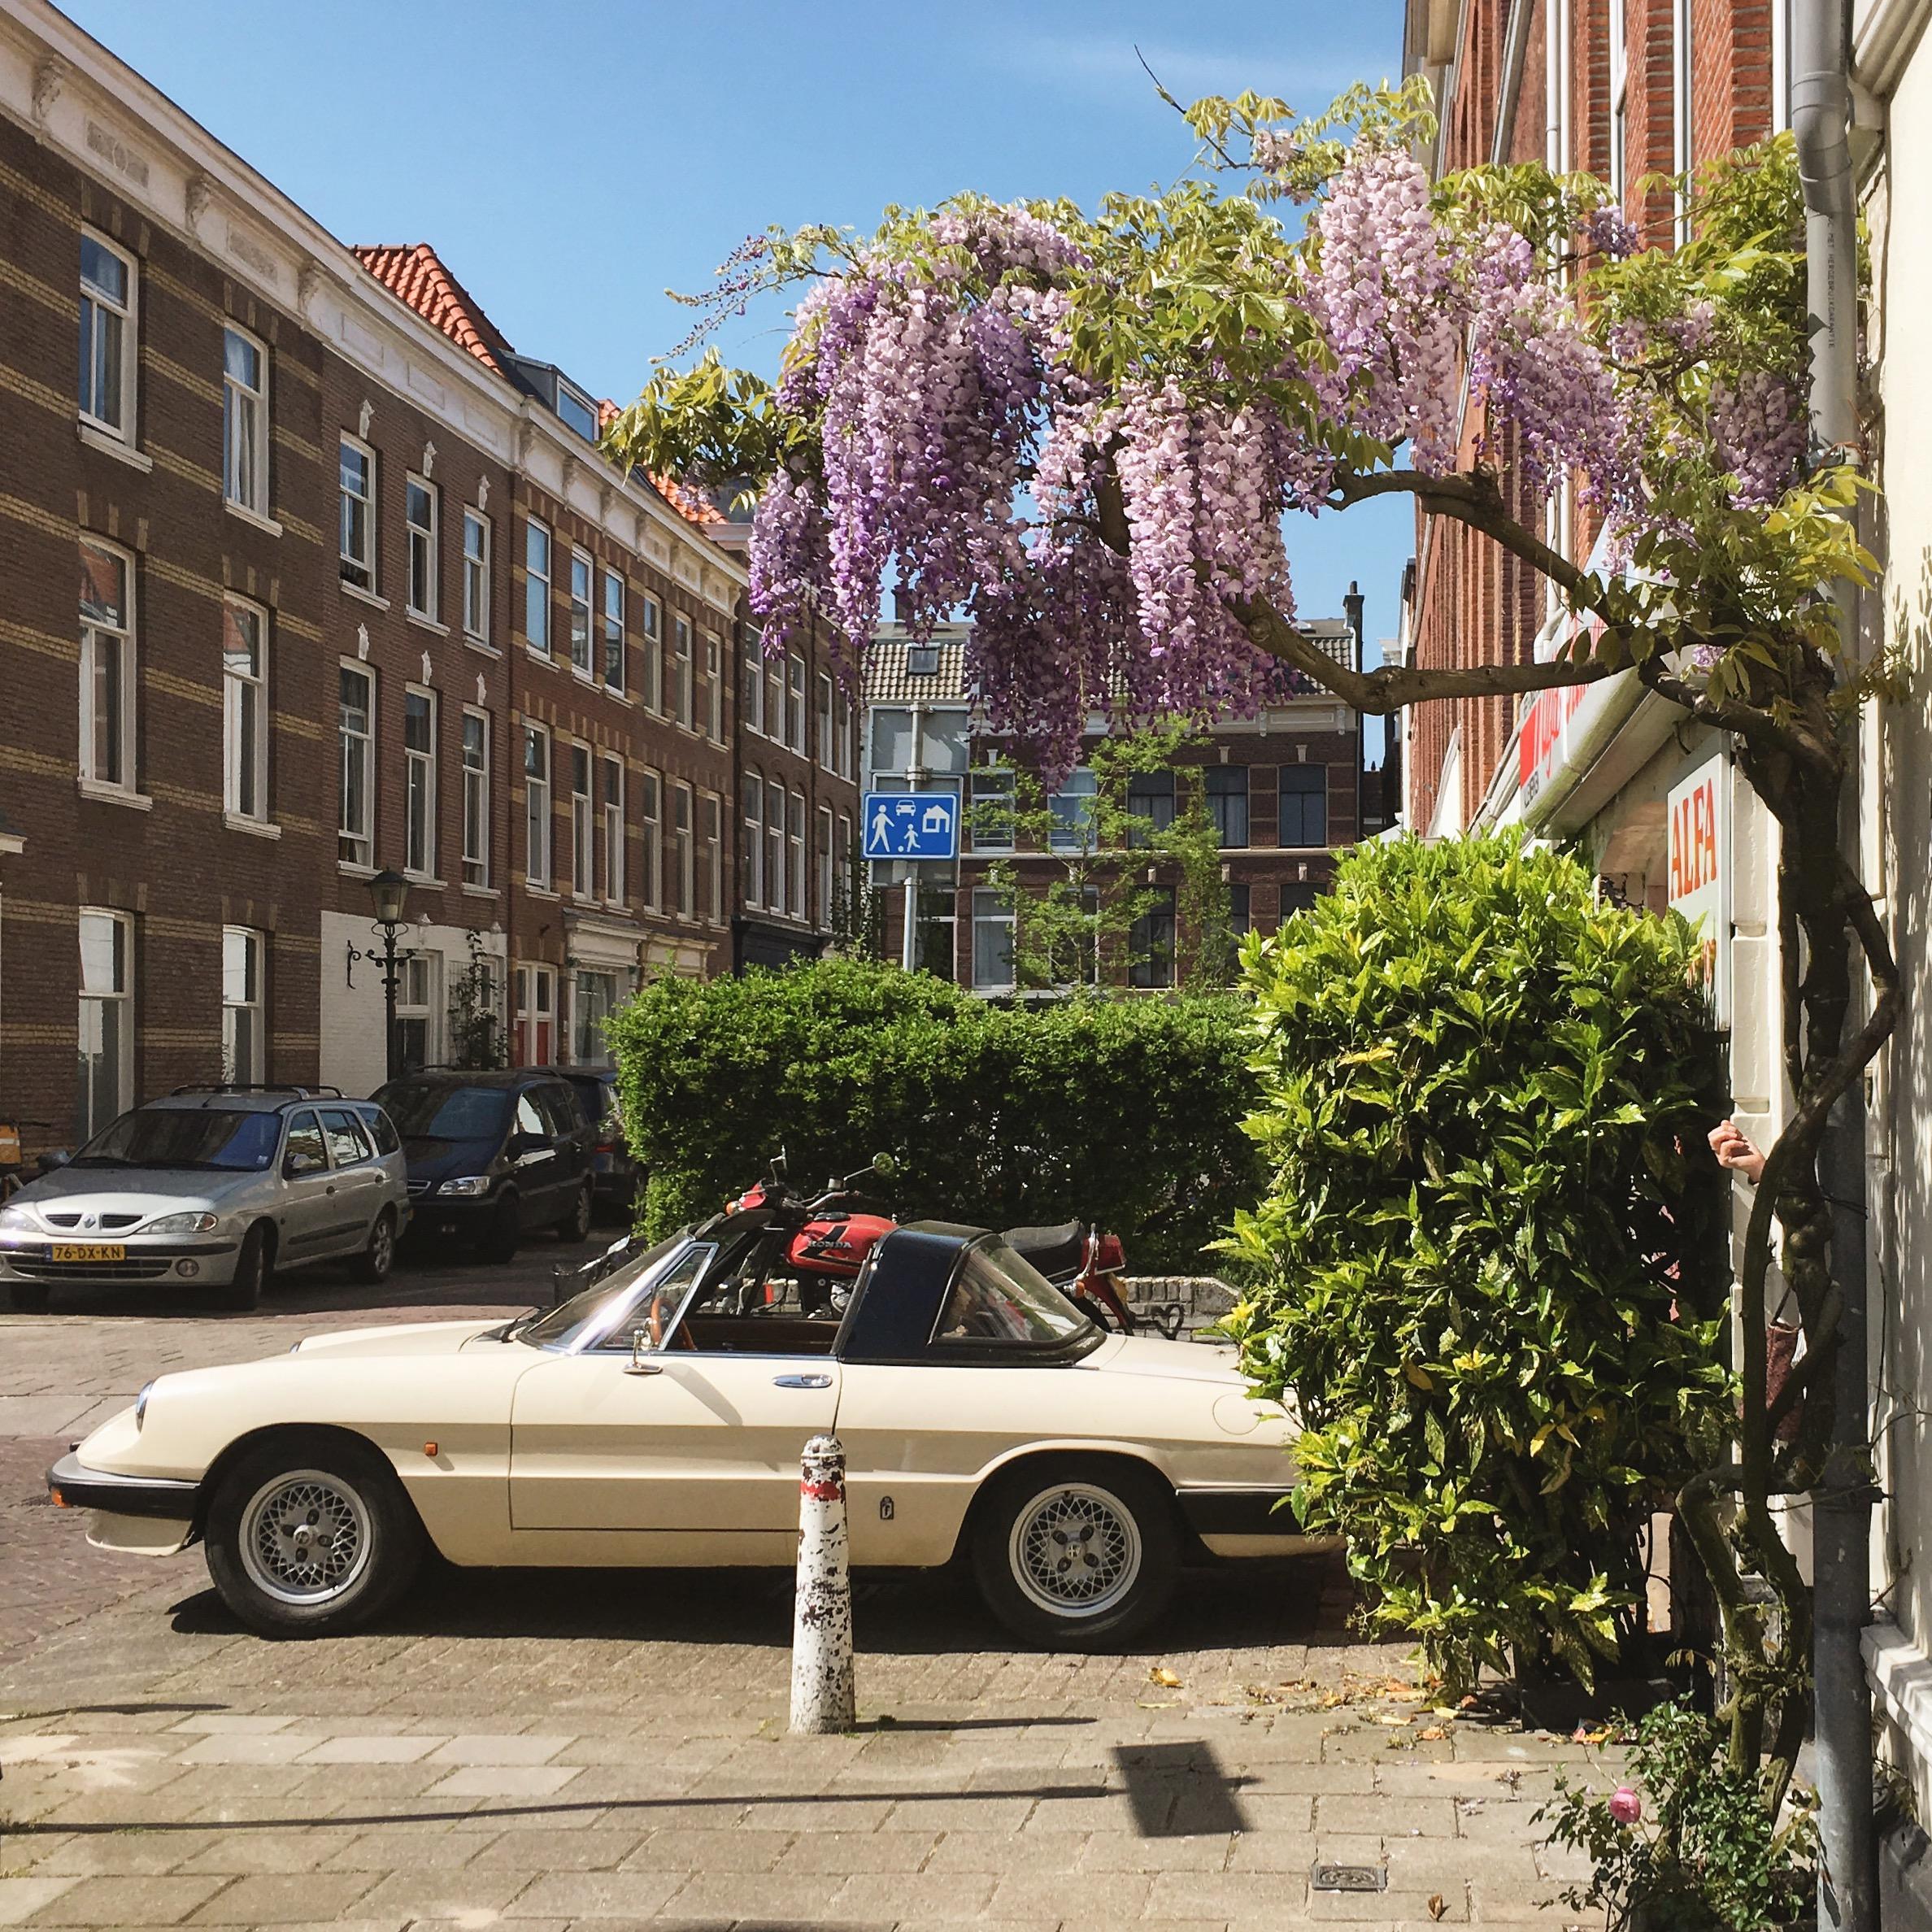 Ein paar Tage in Den Haag › klein0r.de